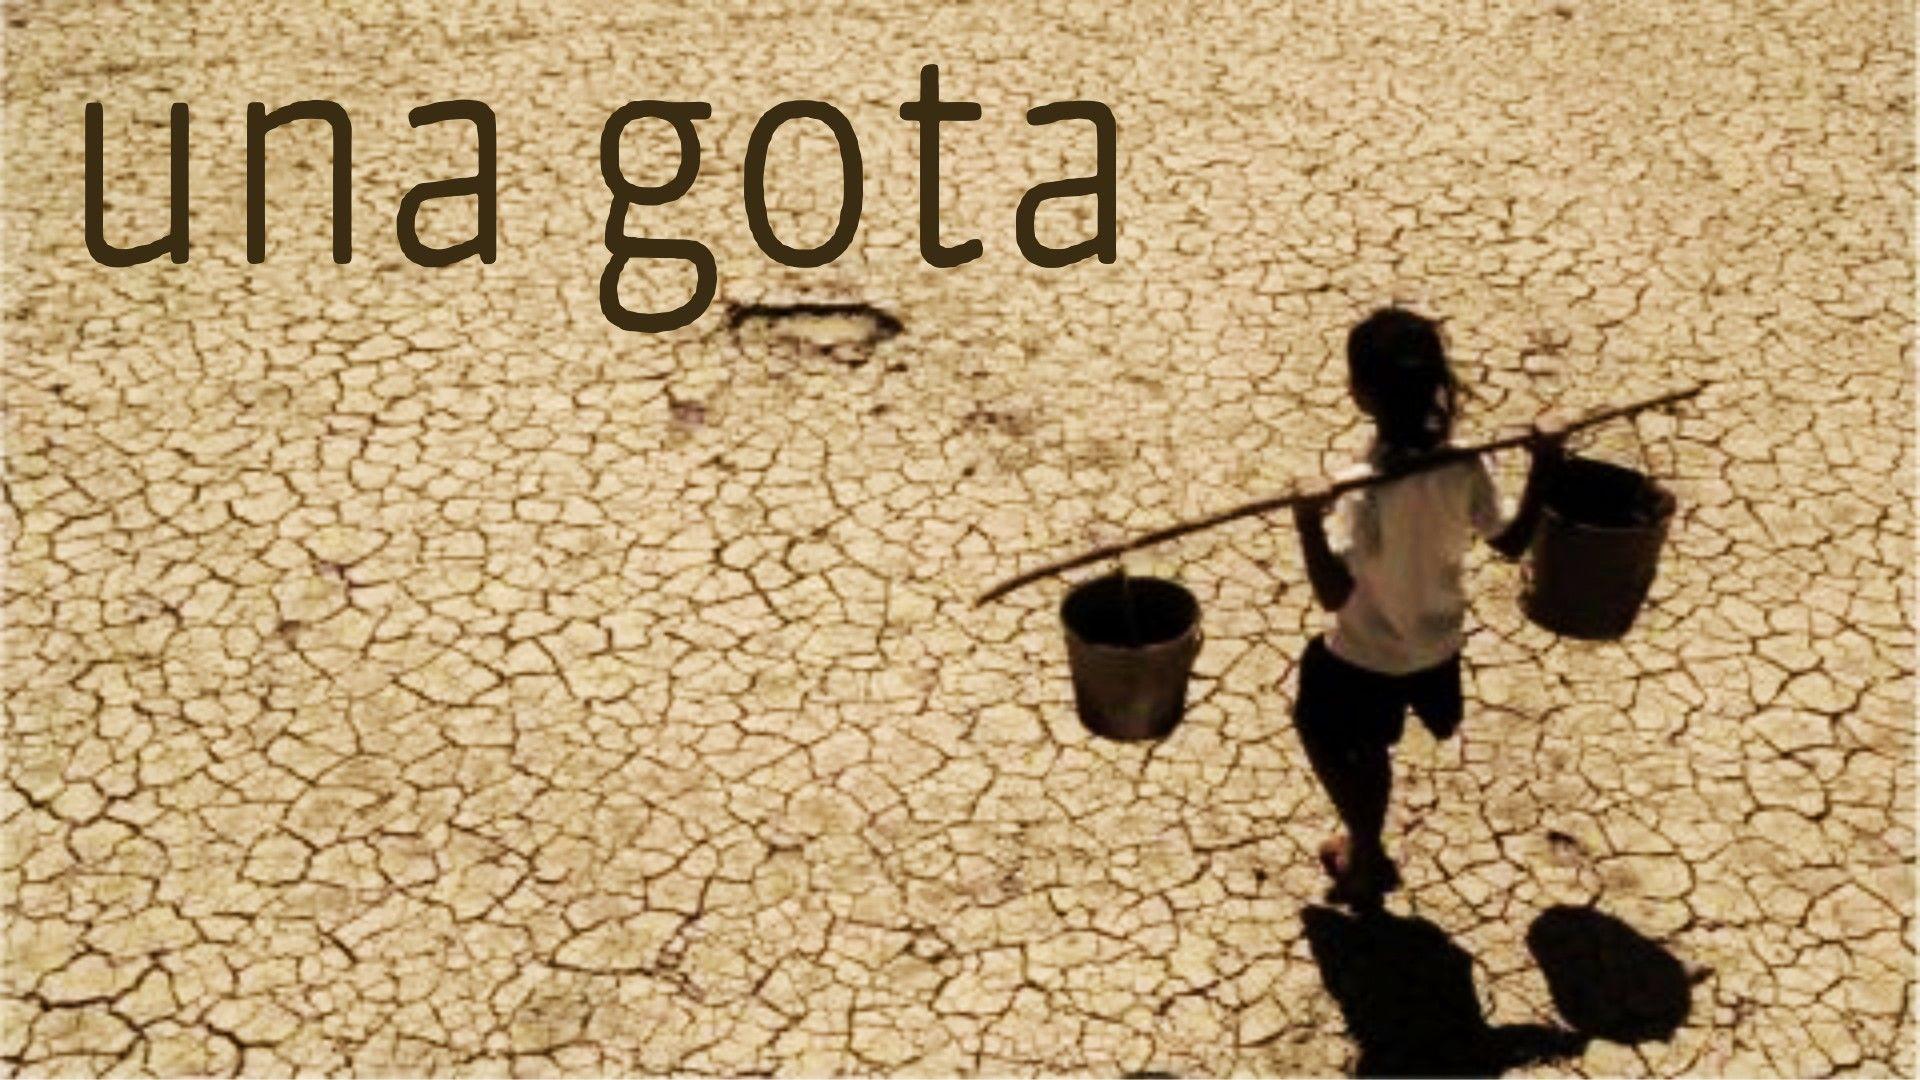 UNA GOTA/ A DROP